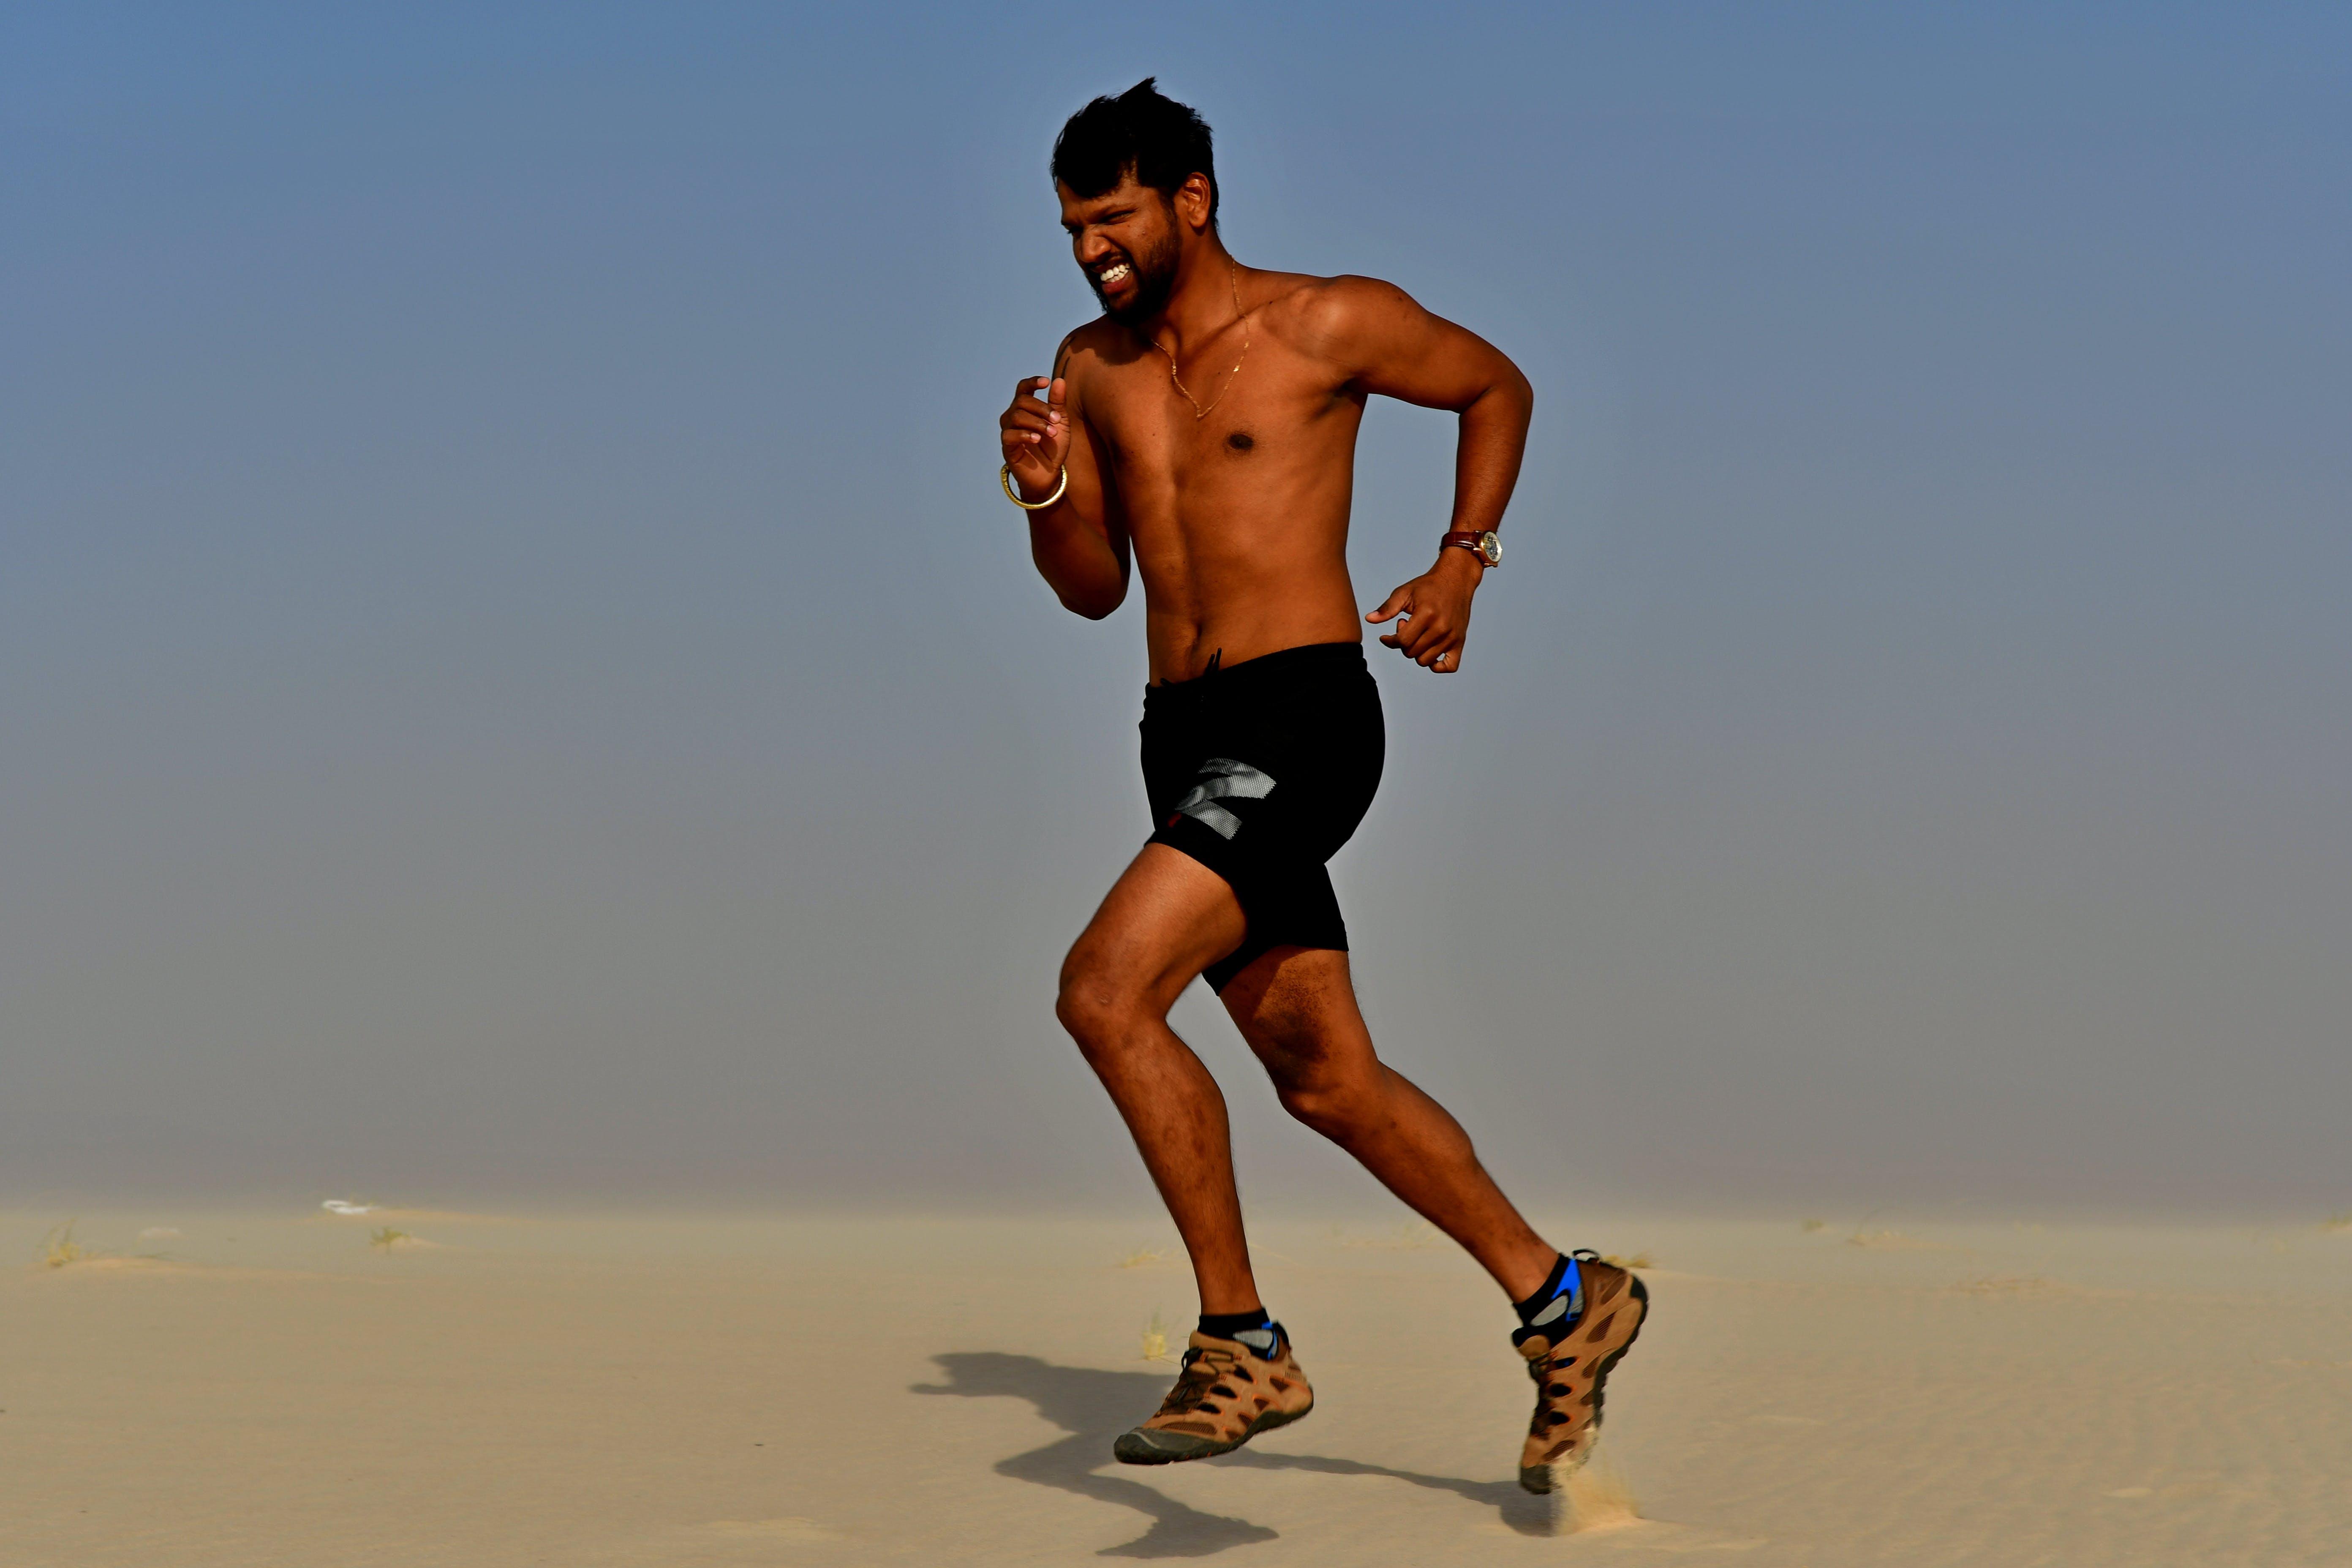 Gratis stockfoto met actie, atleet, body art, fitness